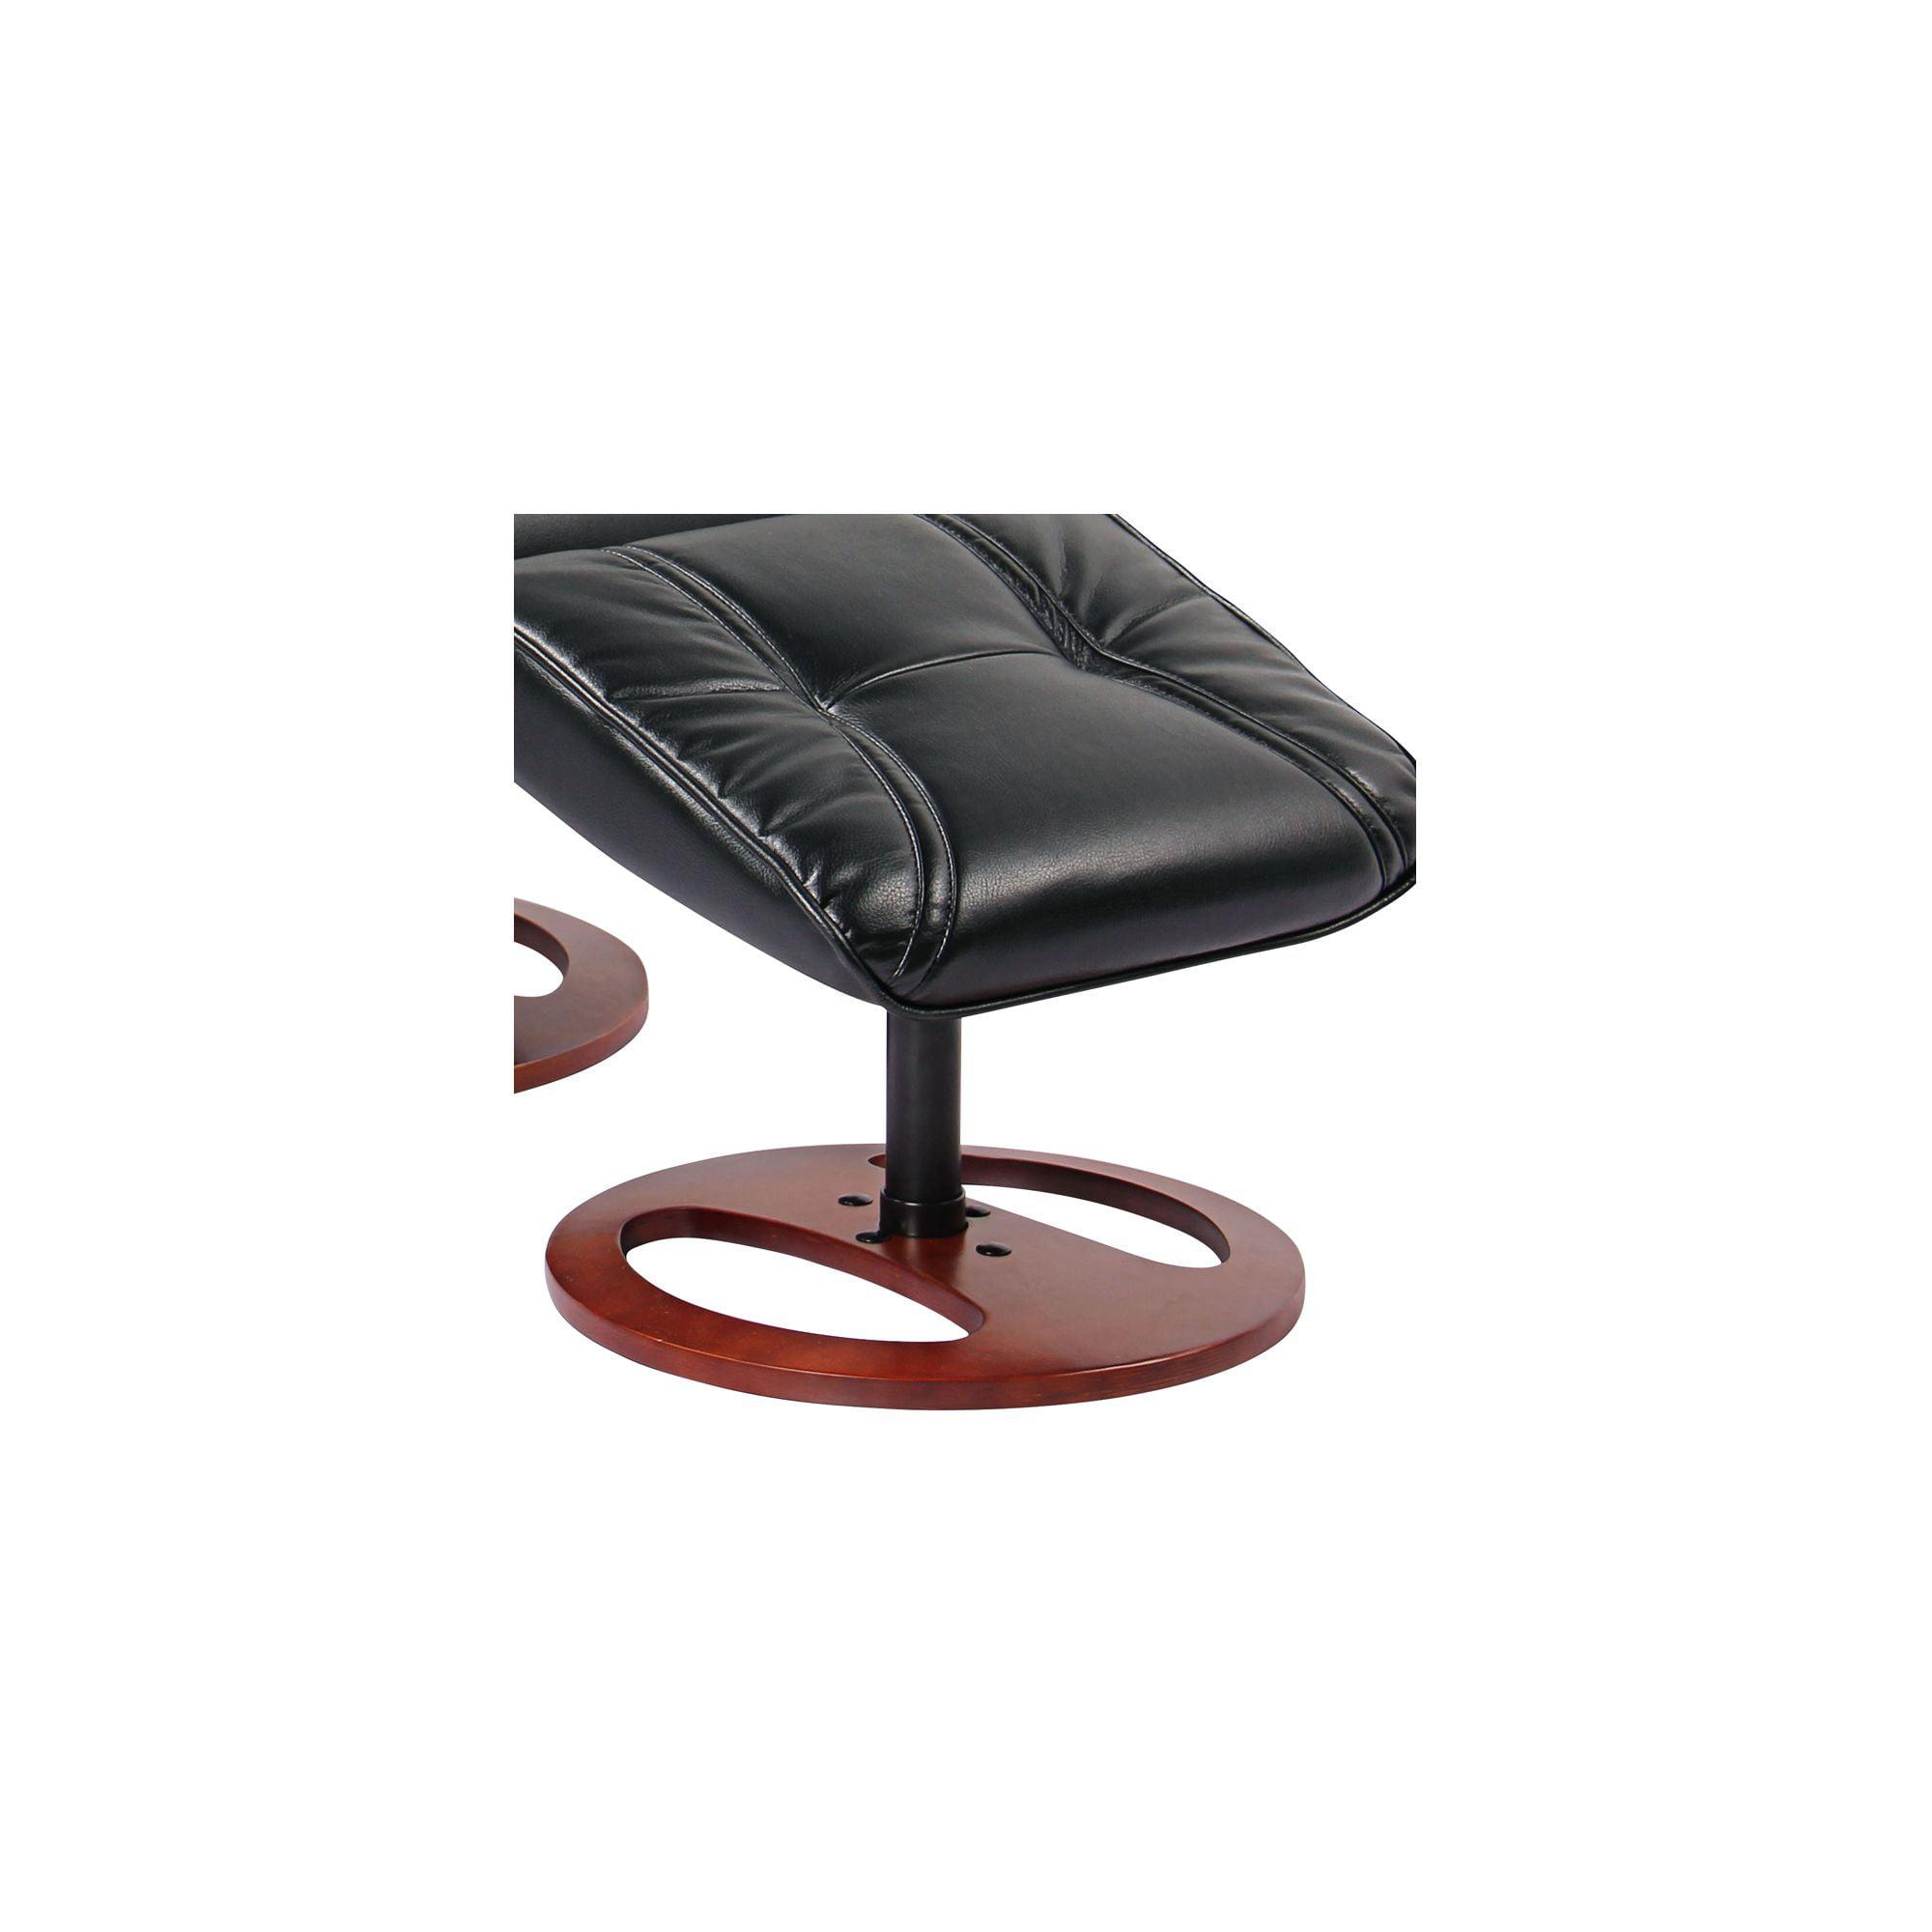 Pleasing Benchmaster Newport Black Swivel Recliner And Slanted Short Links Chair Design For Home Short Linksinfo